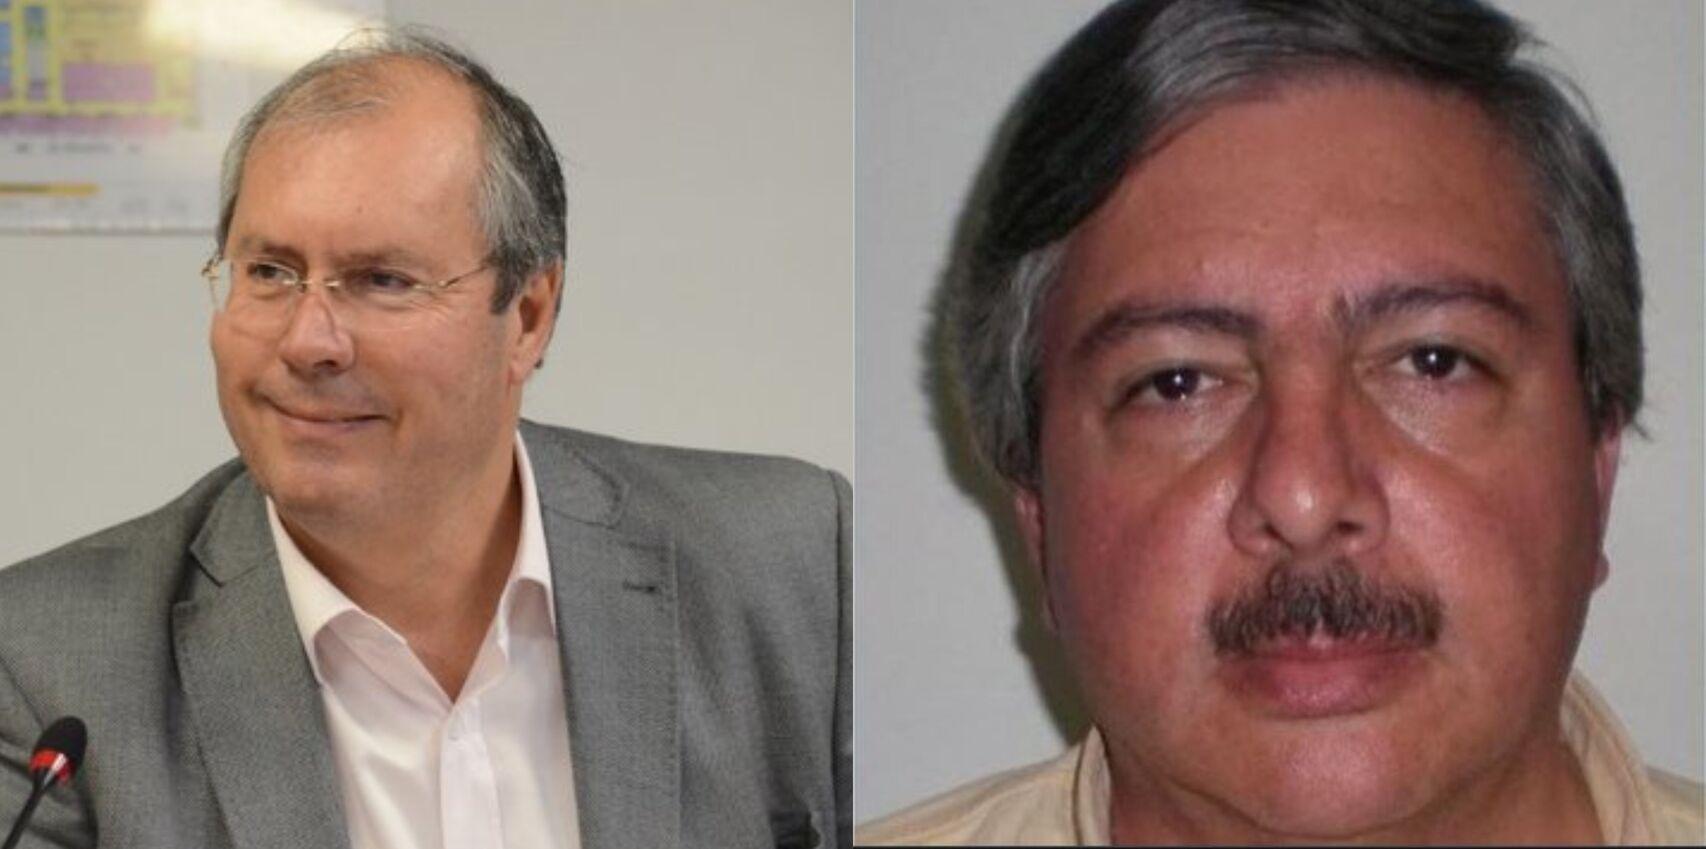 Héctor Olivares (a la izquierda) diputado argentino, y Miguel Marcelo Yadón (derecha) fallecido tras el tiroteo.  E.E.